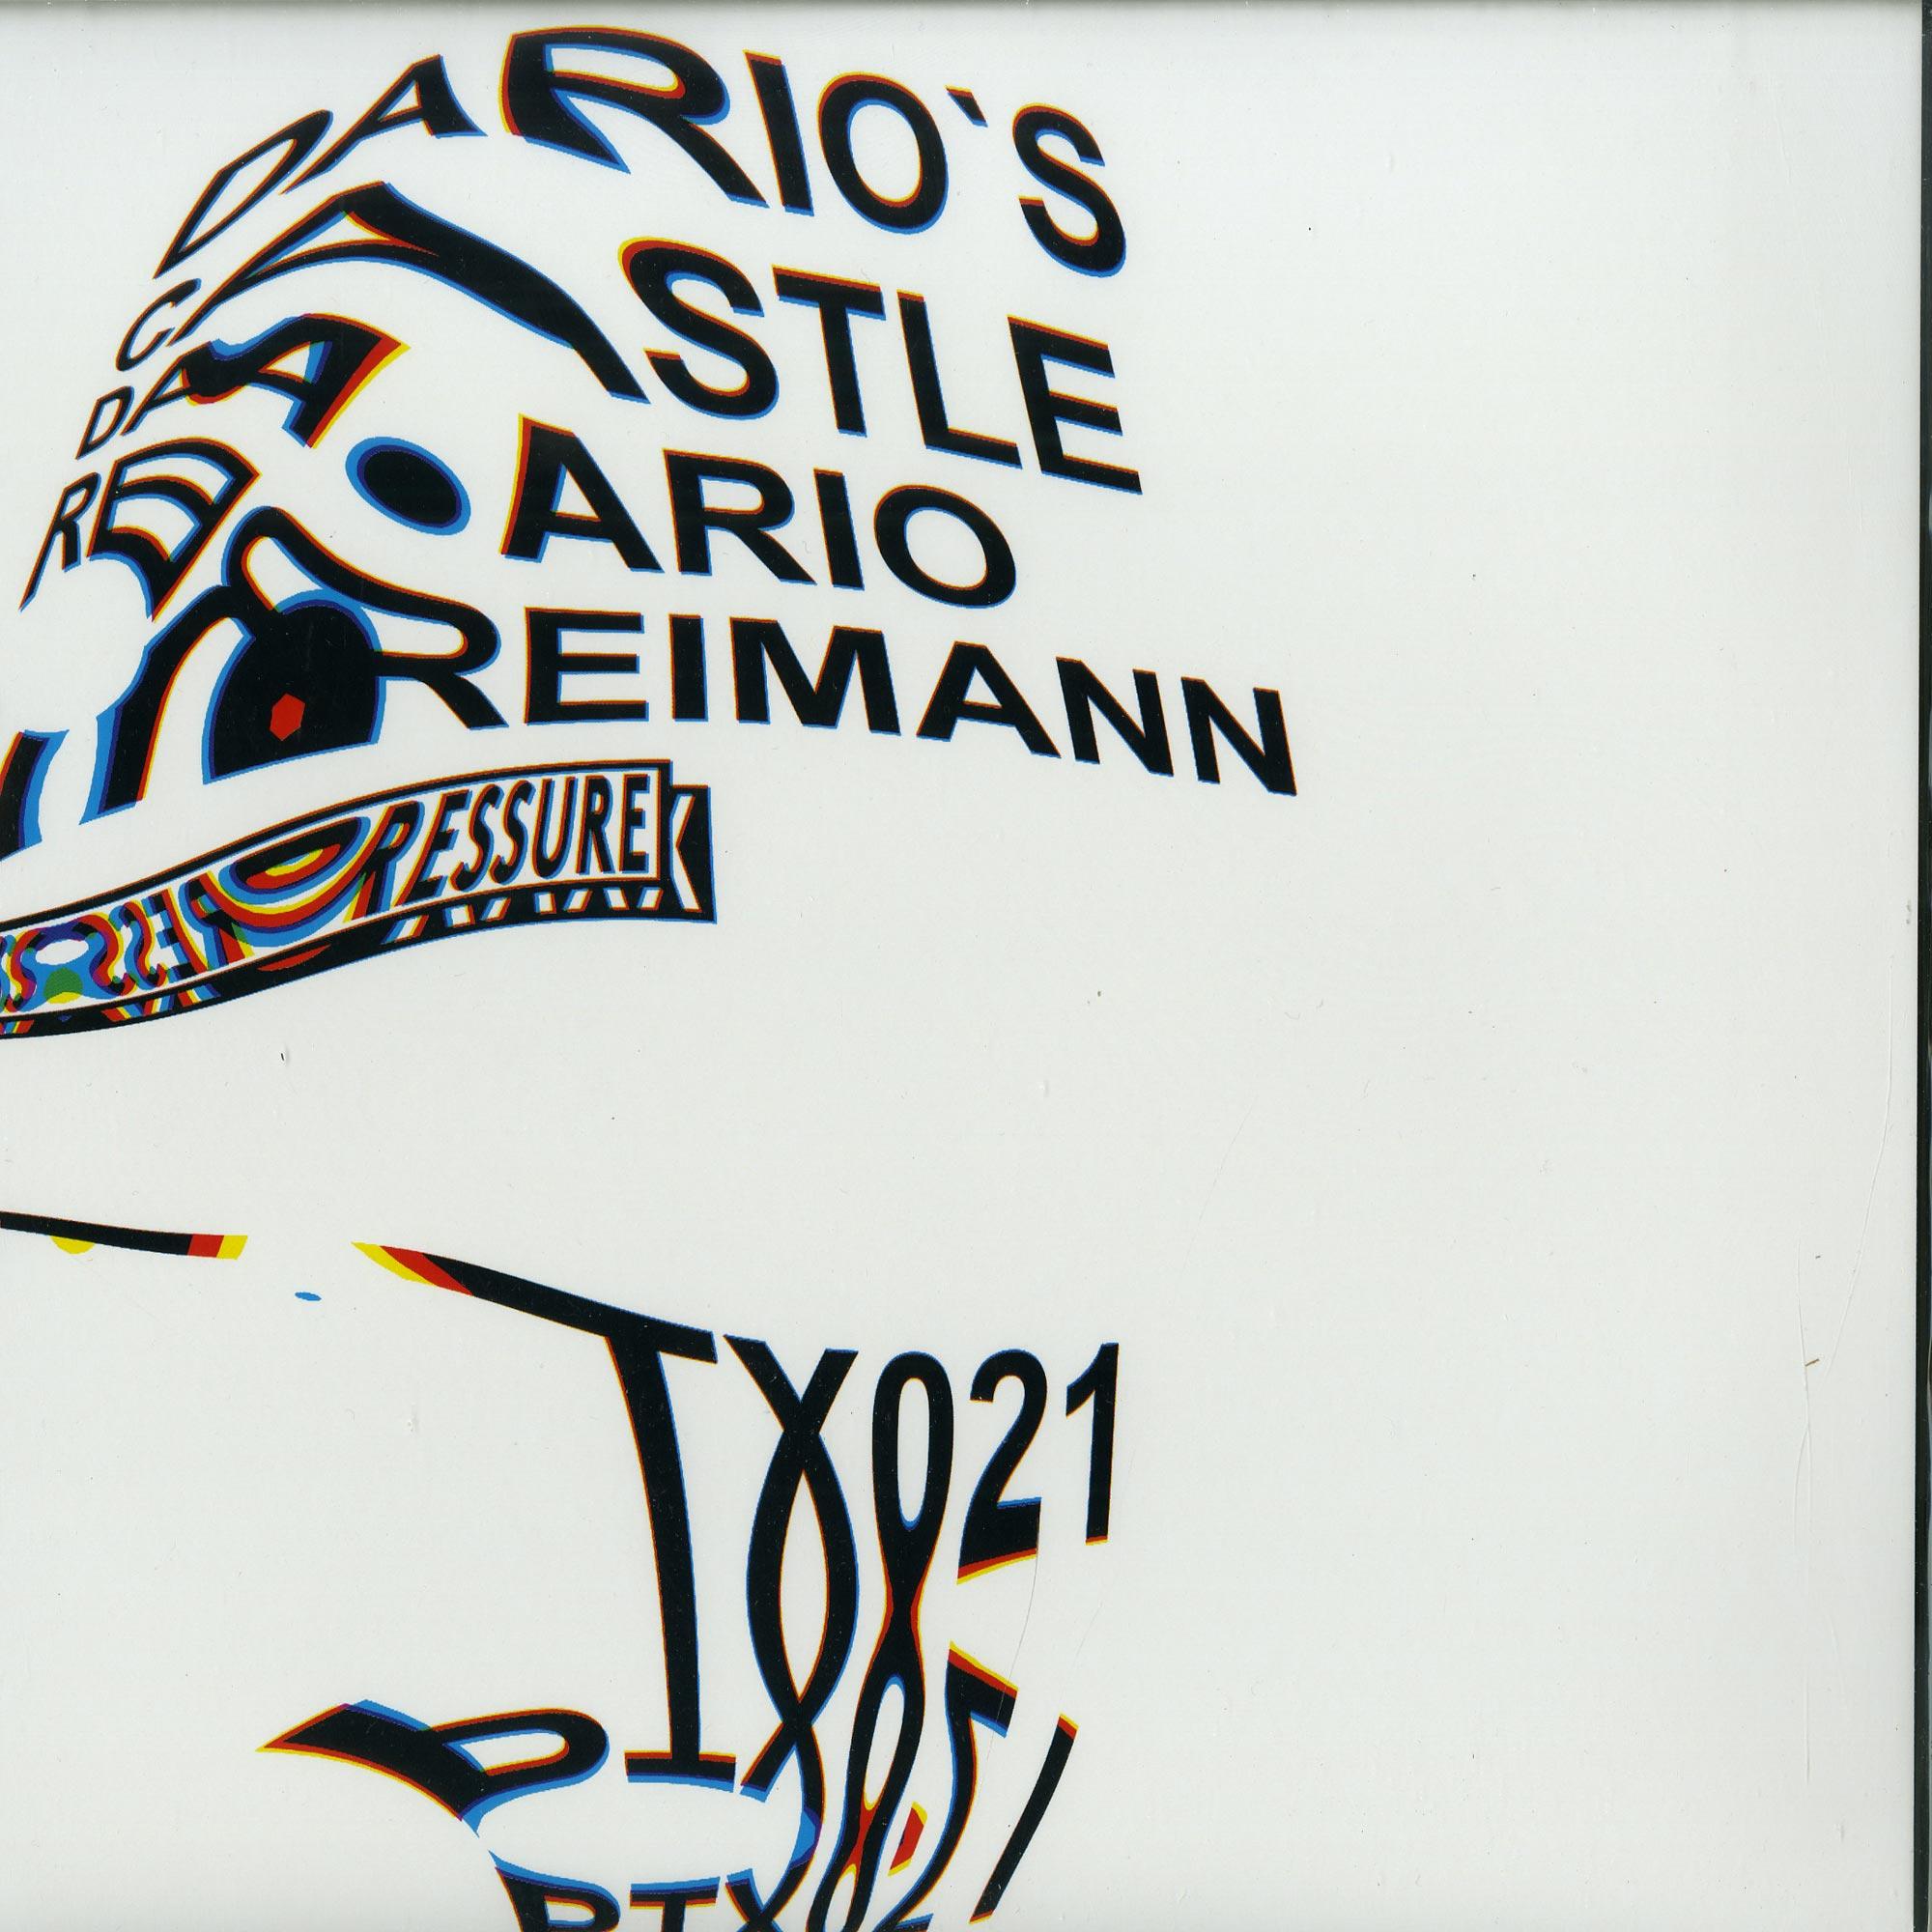 Dario Reimann - DARIOS CASTLE